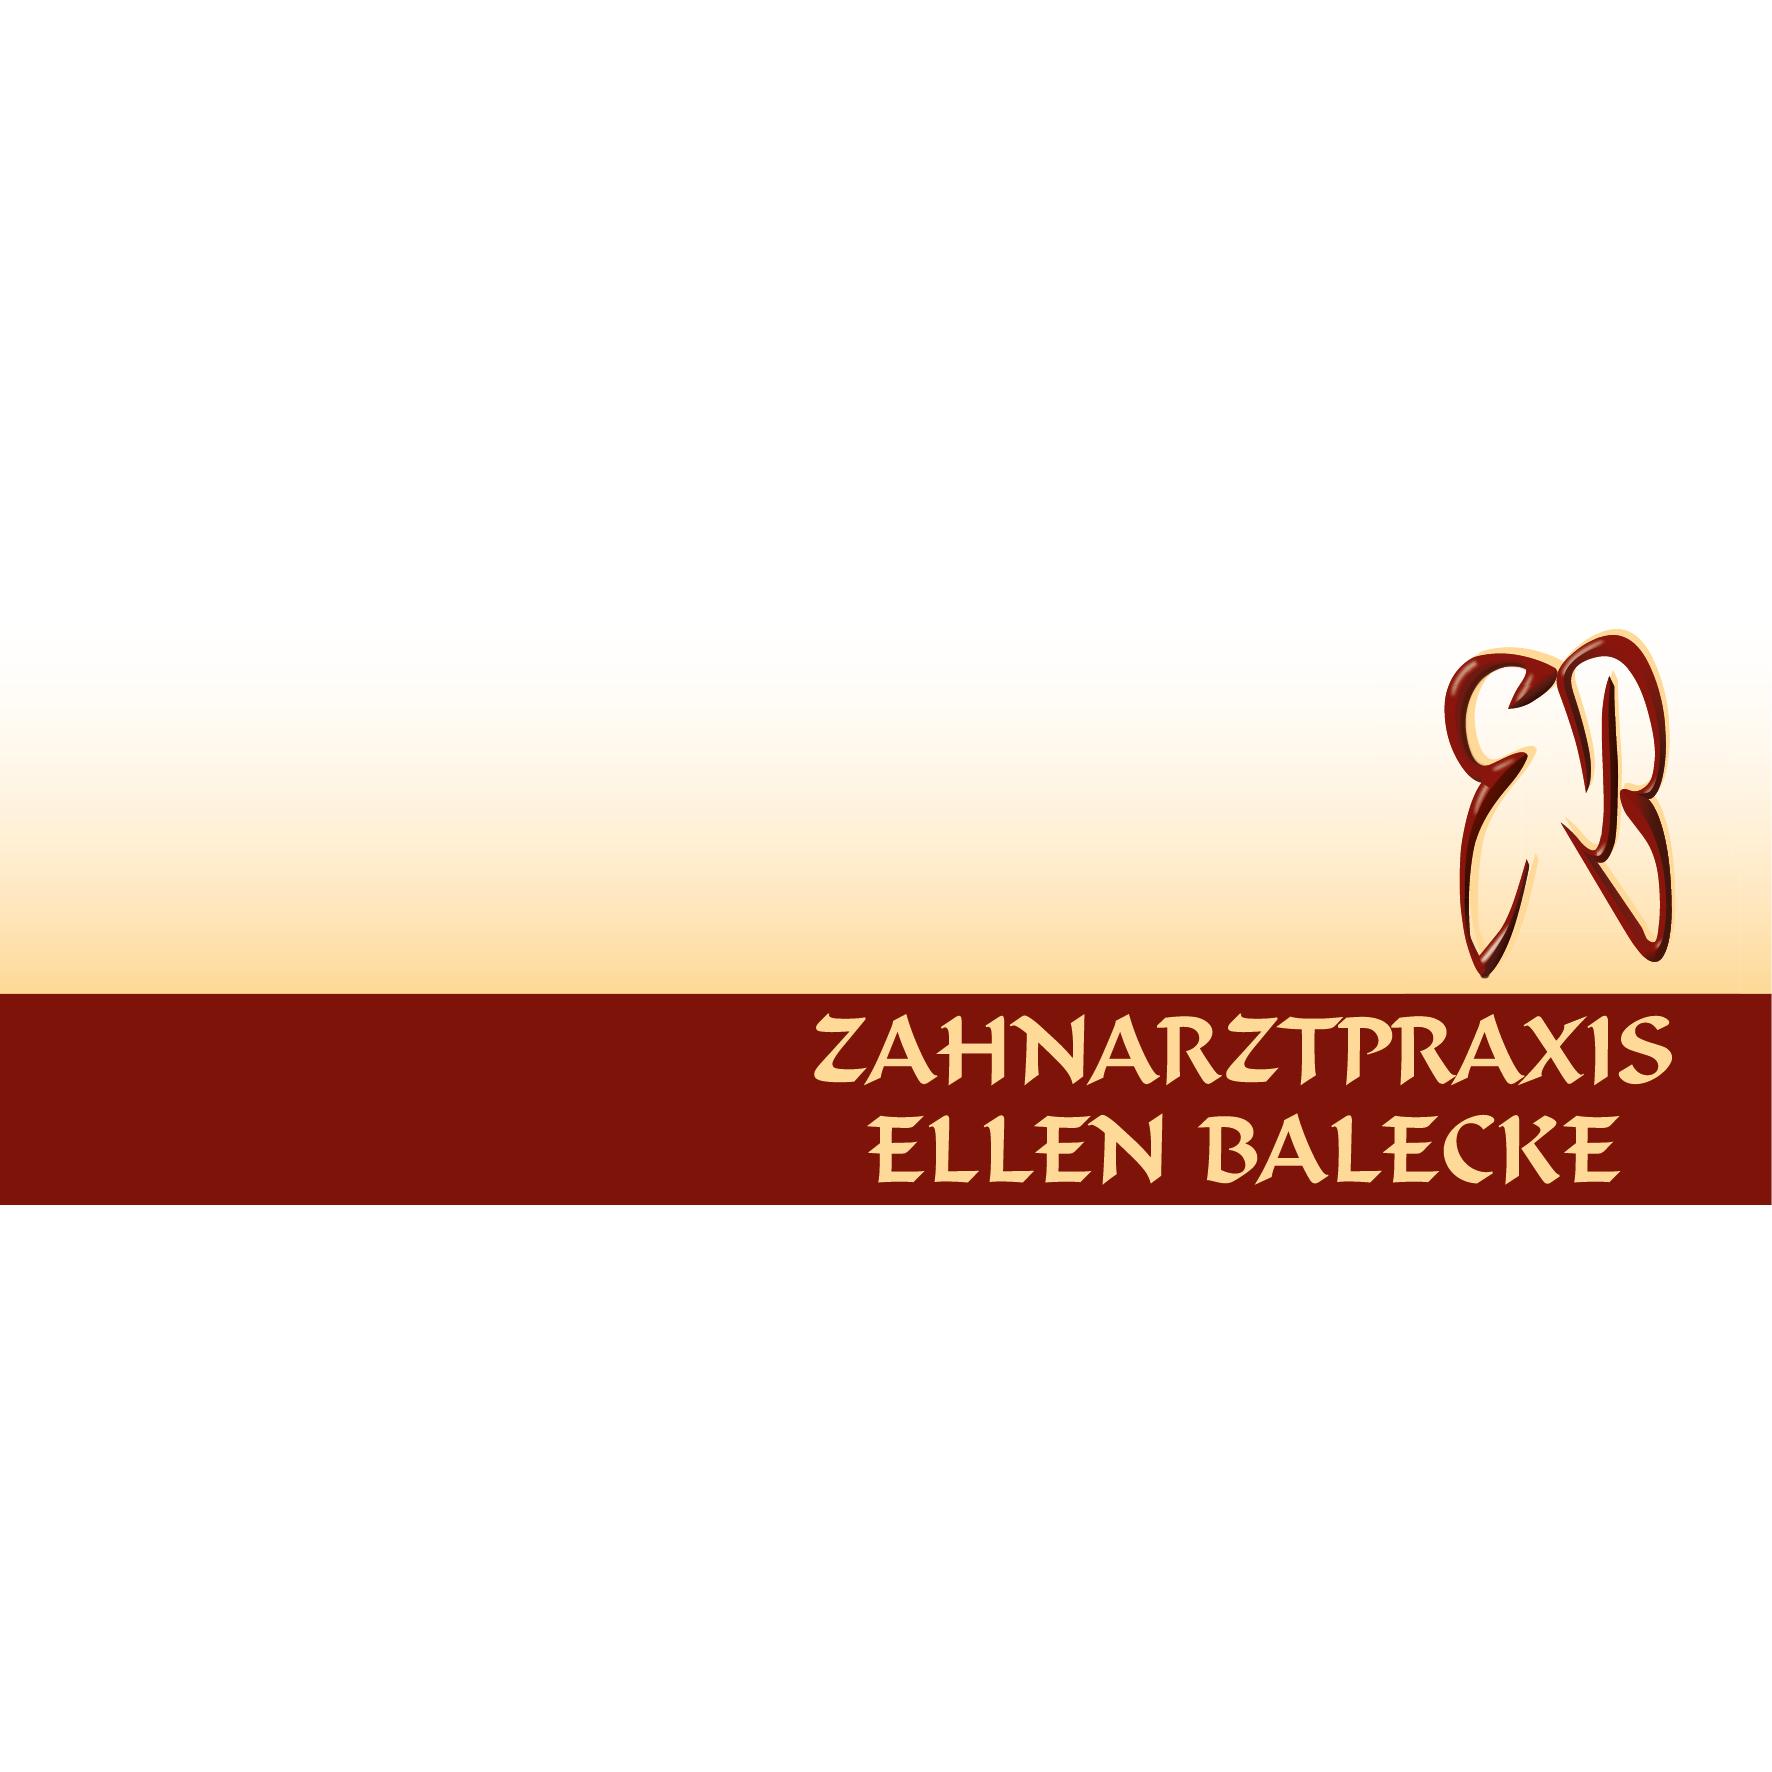 Zahnarztpraxis Ellen Balecke